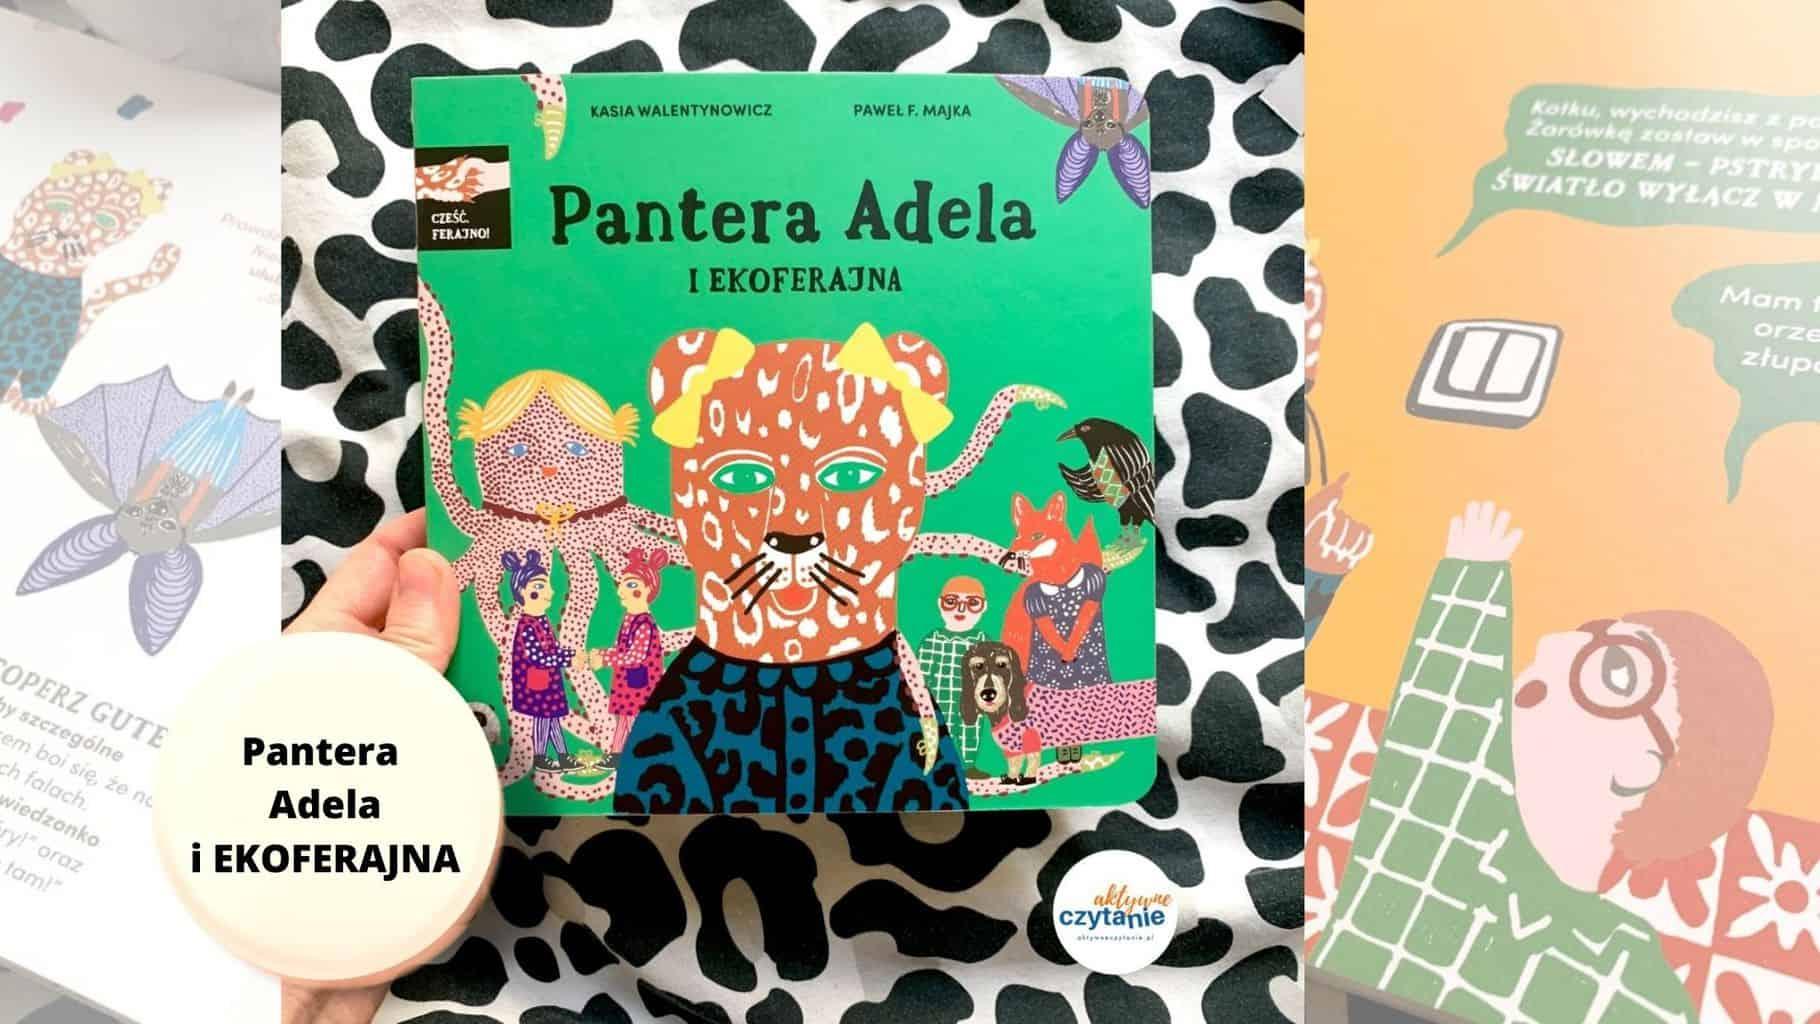 ksiazki dla dzieci pantera adela iekoferajna recenzja